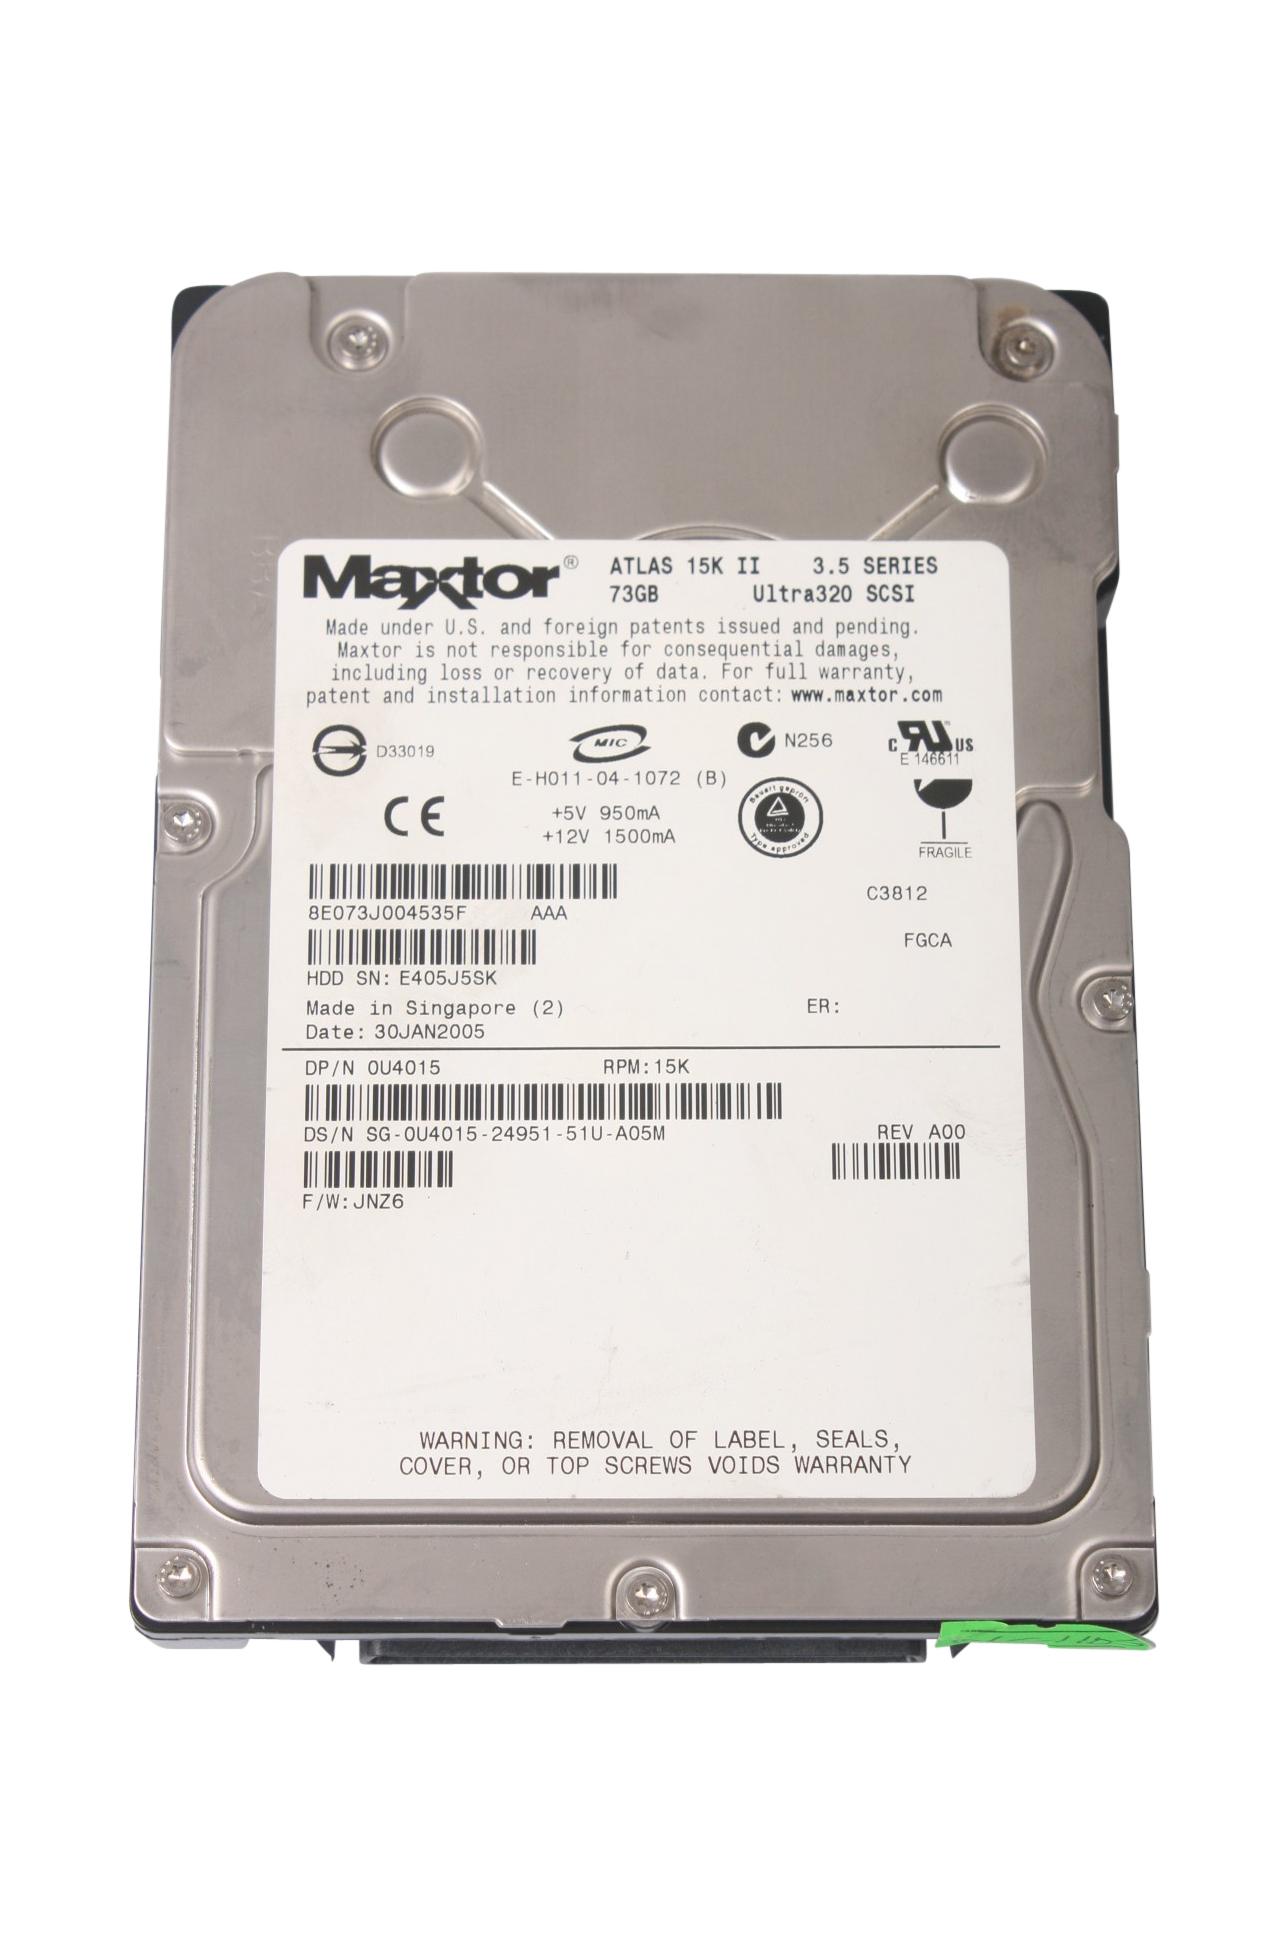 Hard Drive Disk SCSI Maxtor Atlas 15K II 8E036J002C15E 0FC272 E-H011-04-1072 3.5